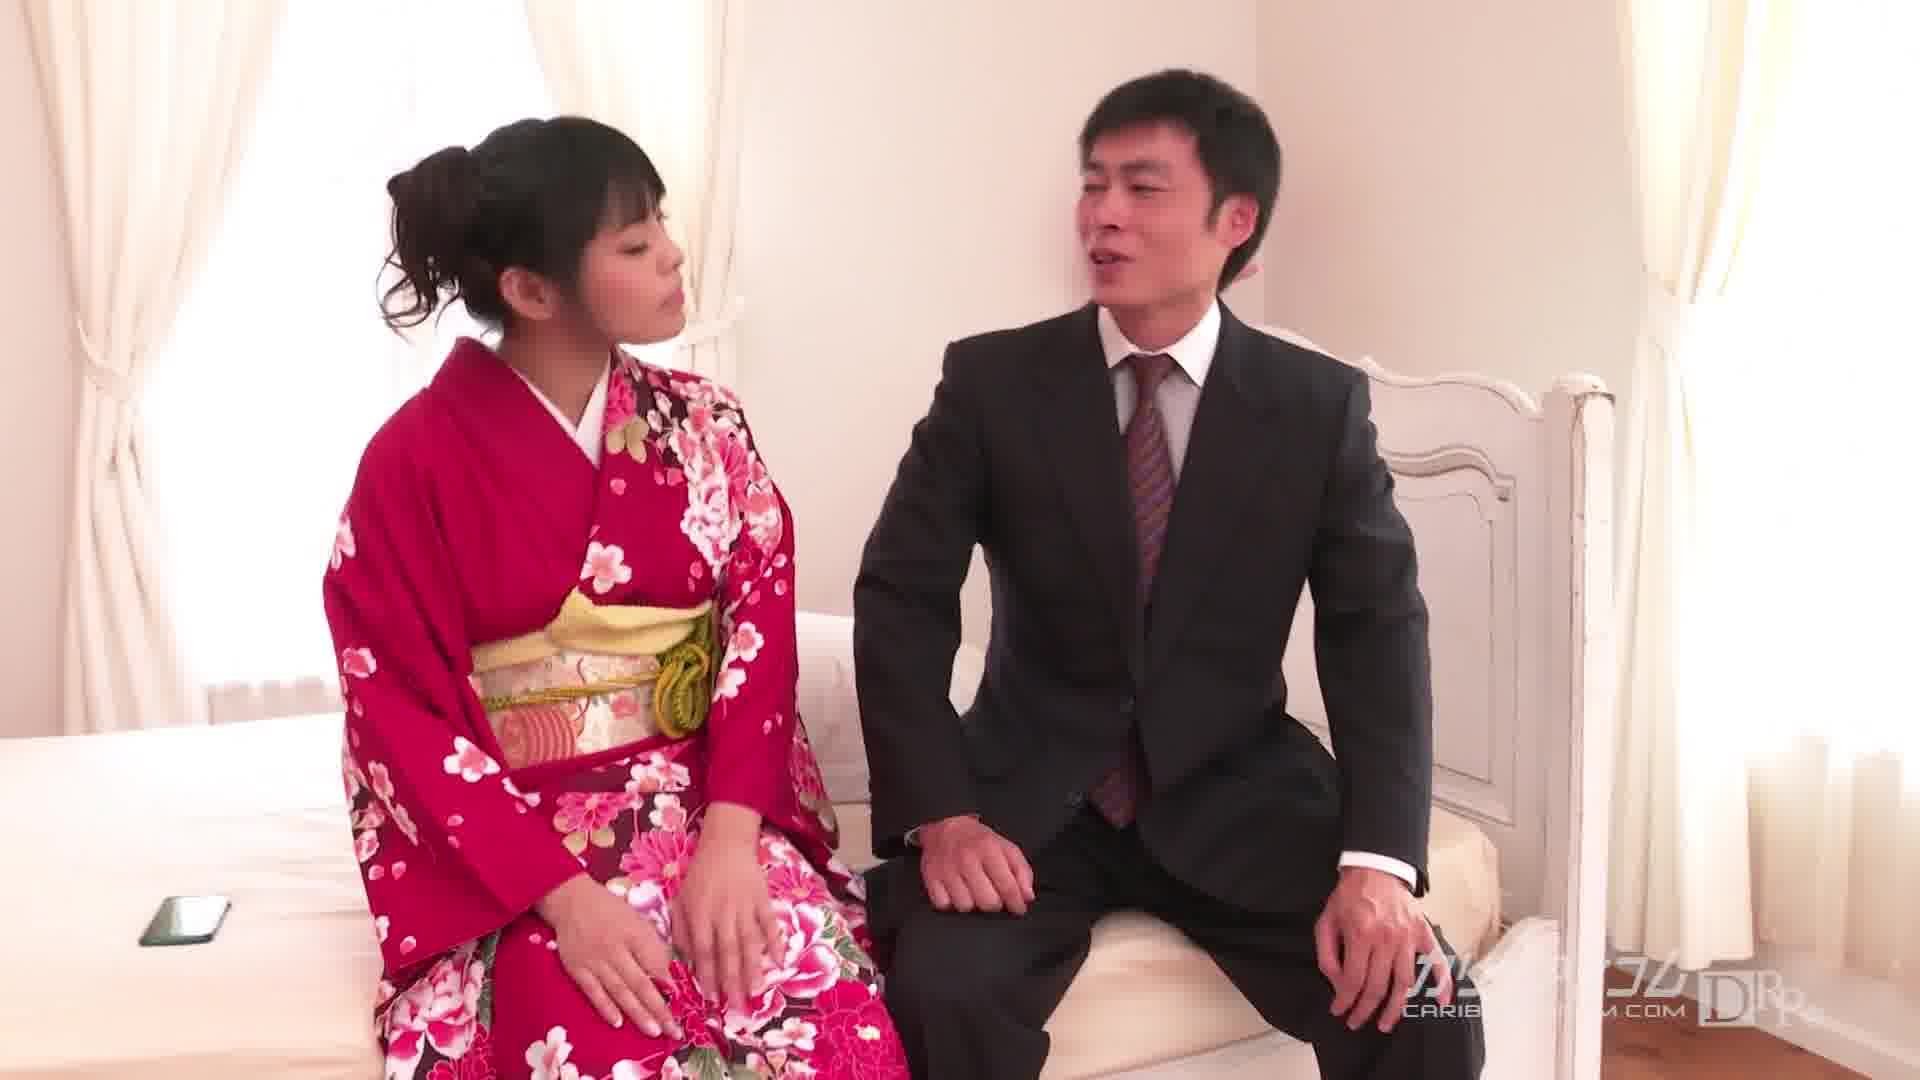 シェアガール ~新年豪華に振袖4Pファック~ - 杏【潮吹き・浴衣・3P】